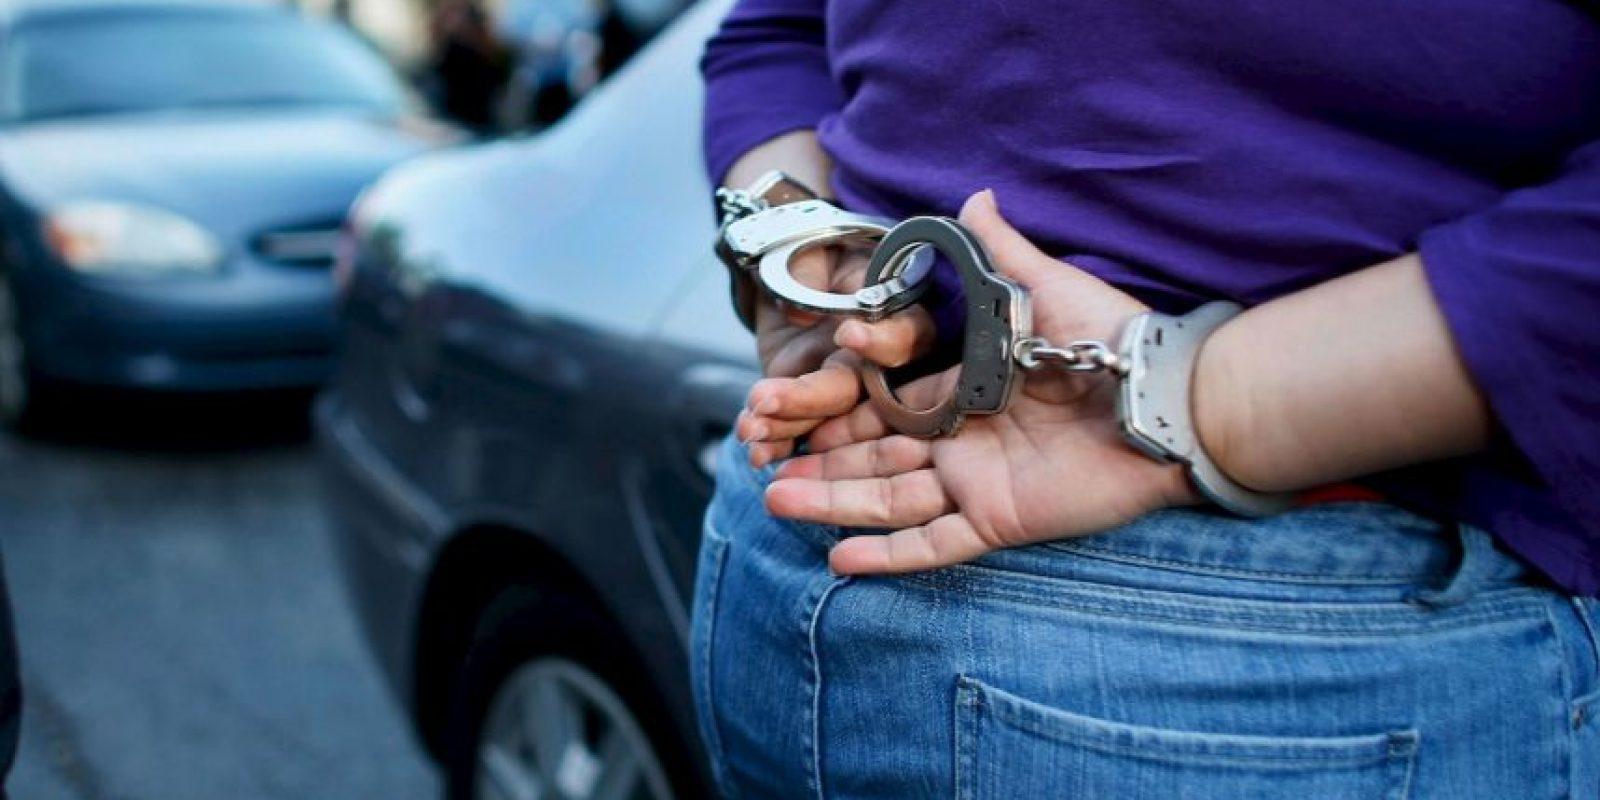 1. La violencia contra menores se da en lugares como el hogar, la escuela, lugares de trabajo, entre otros. Foto:Getty Images